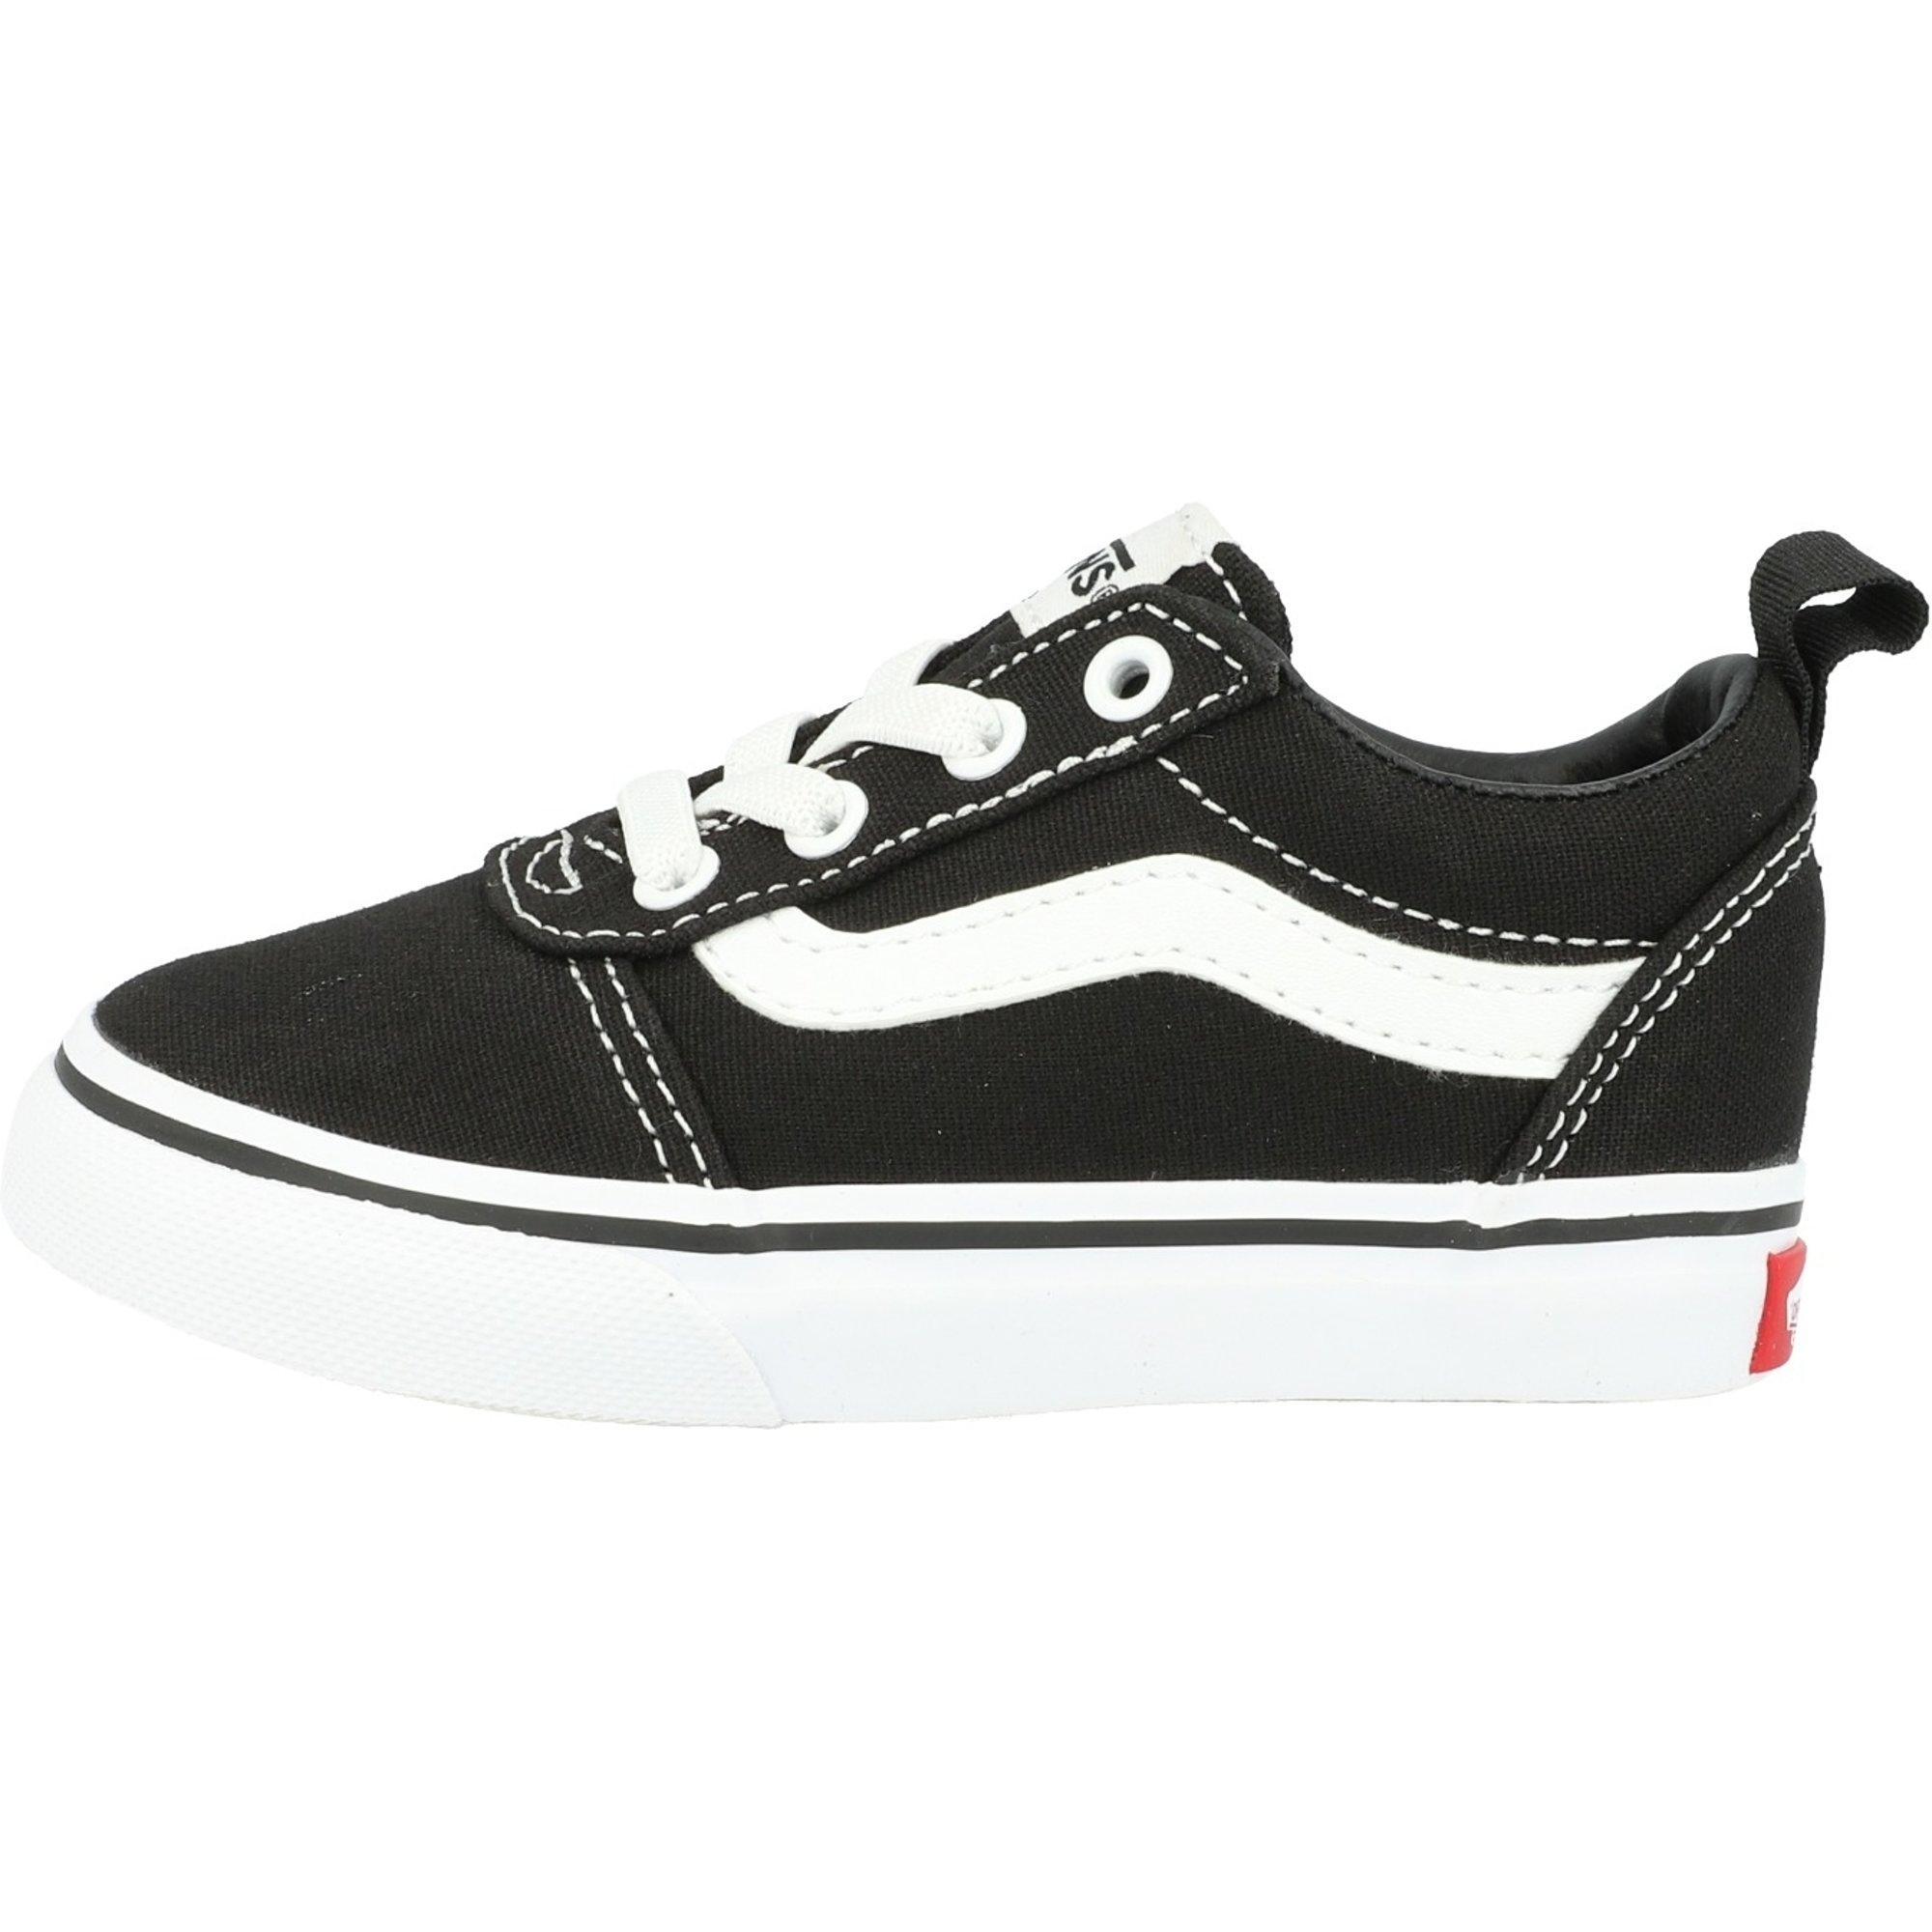 Vans Active TD Ward Slip-On Black/White